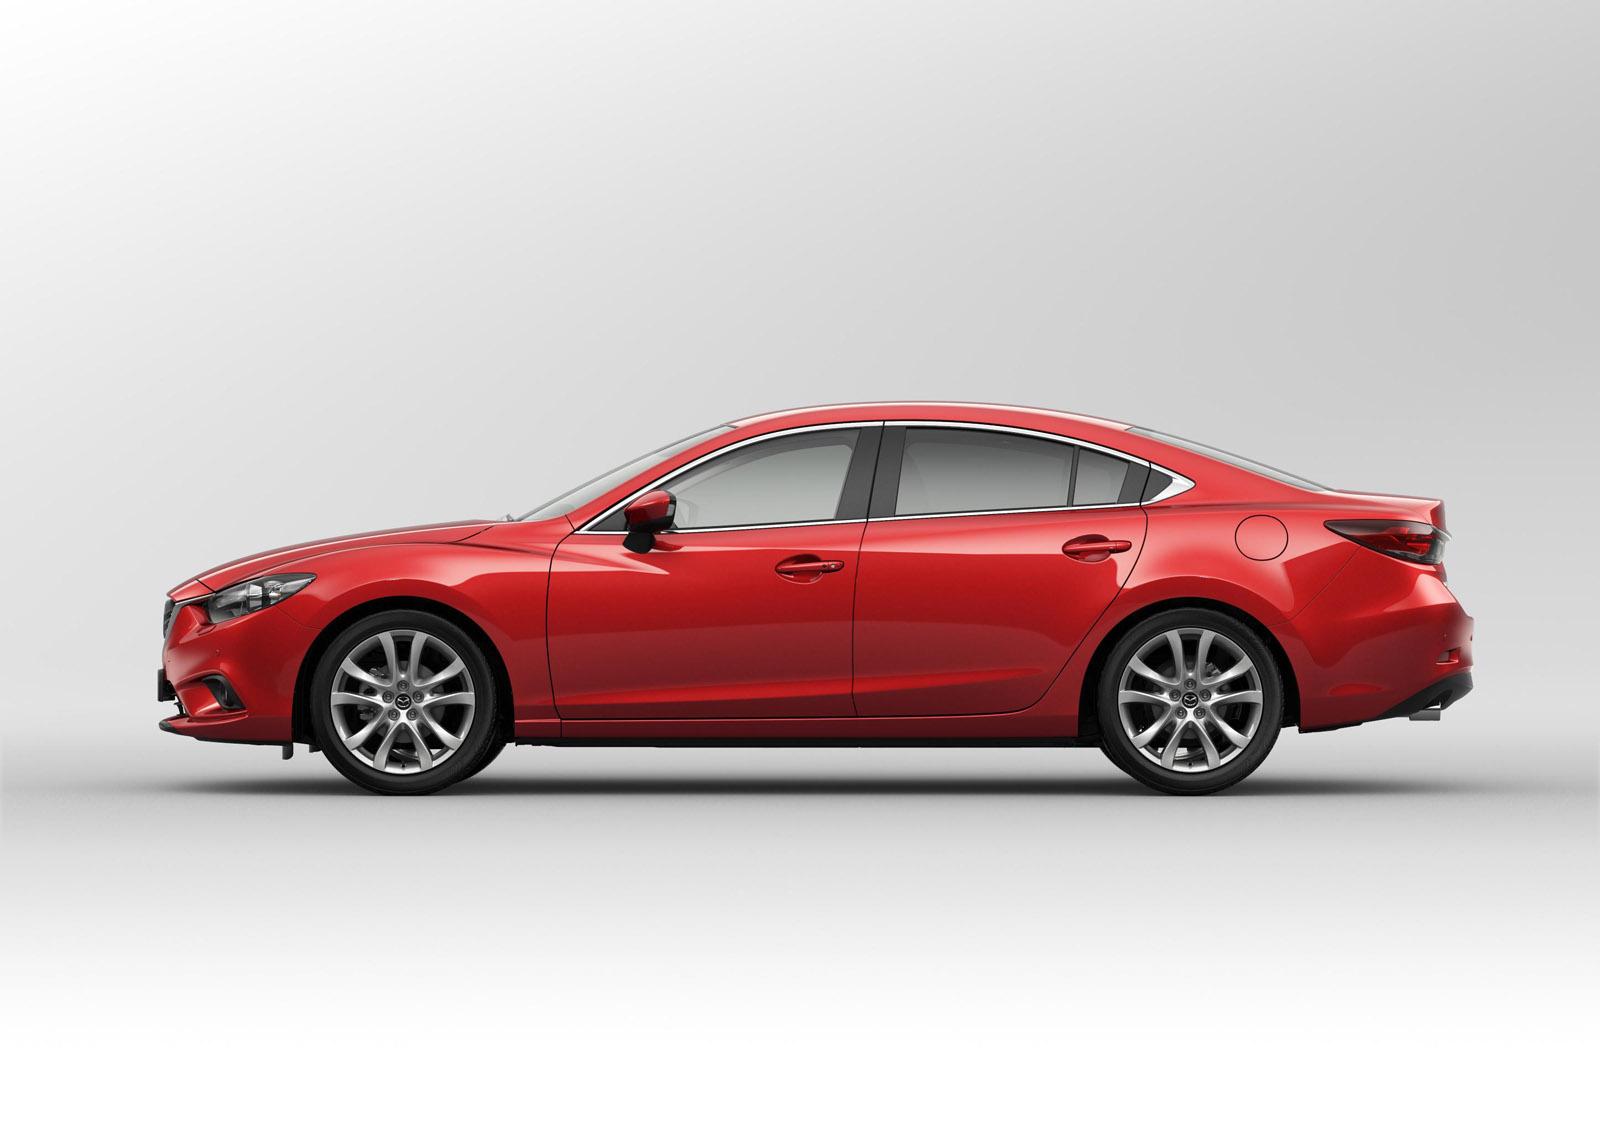 1908_588633_Mazda6_Sedan_2012_still_05